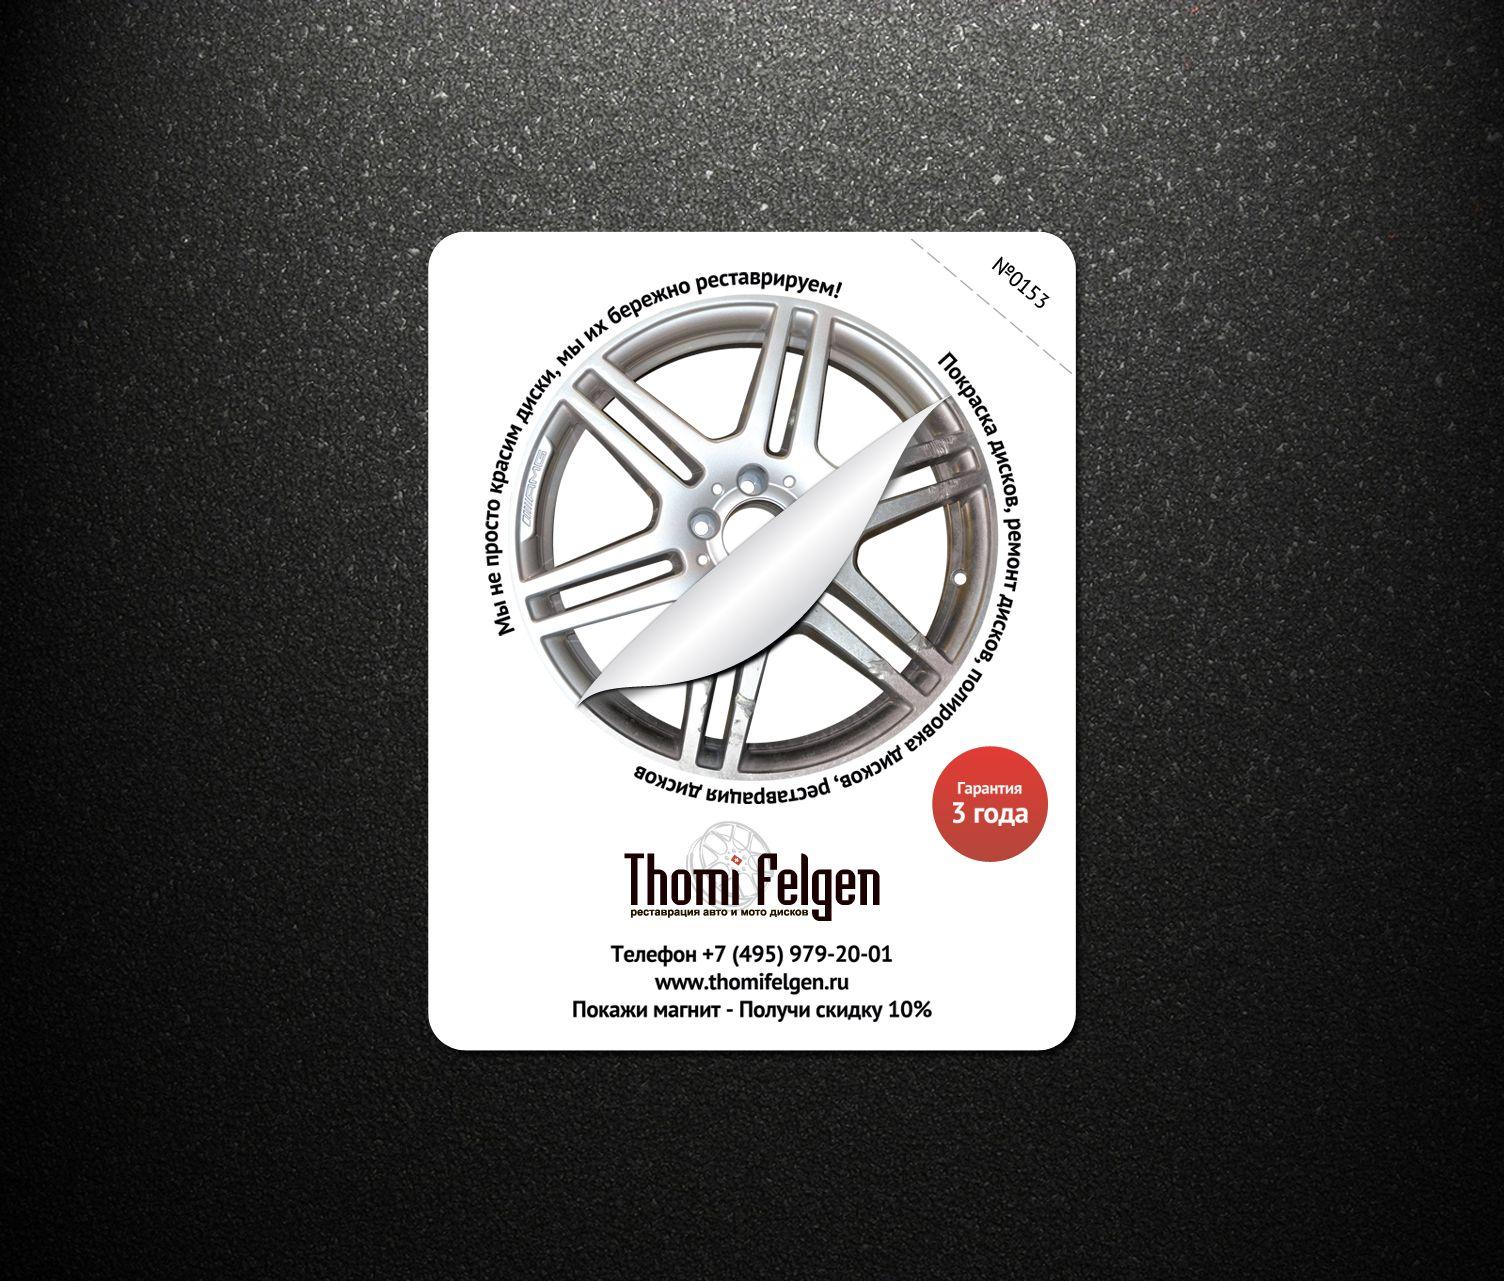 Дизайн рекламного магнита на автомобиль!  - дизайнер Nikus971